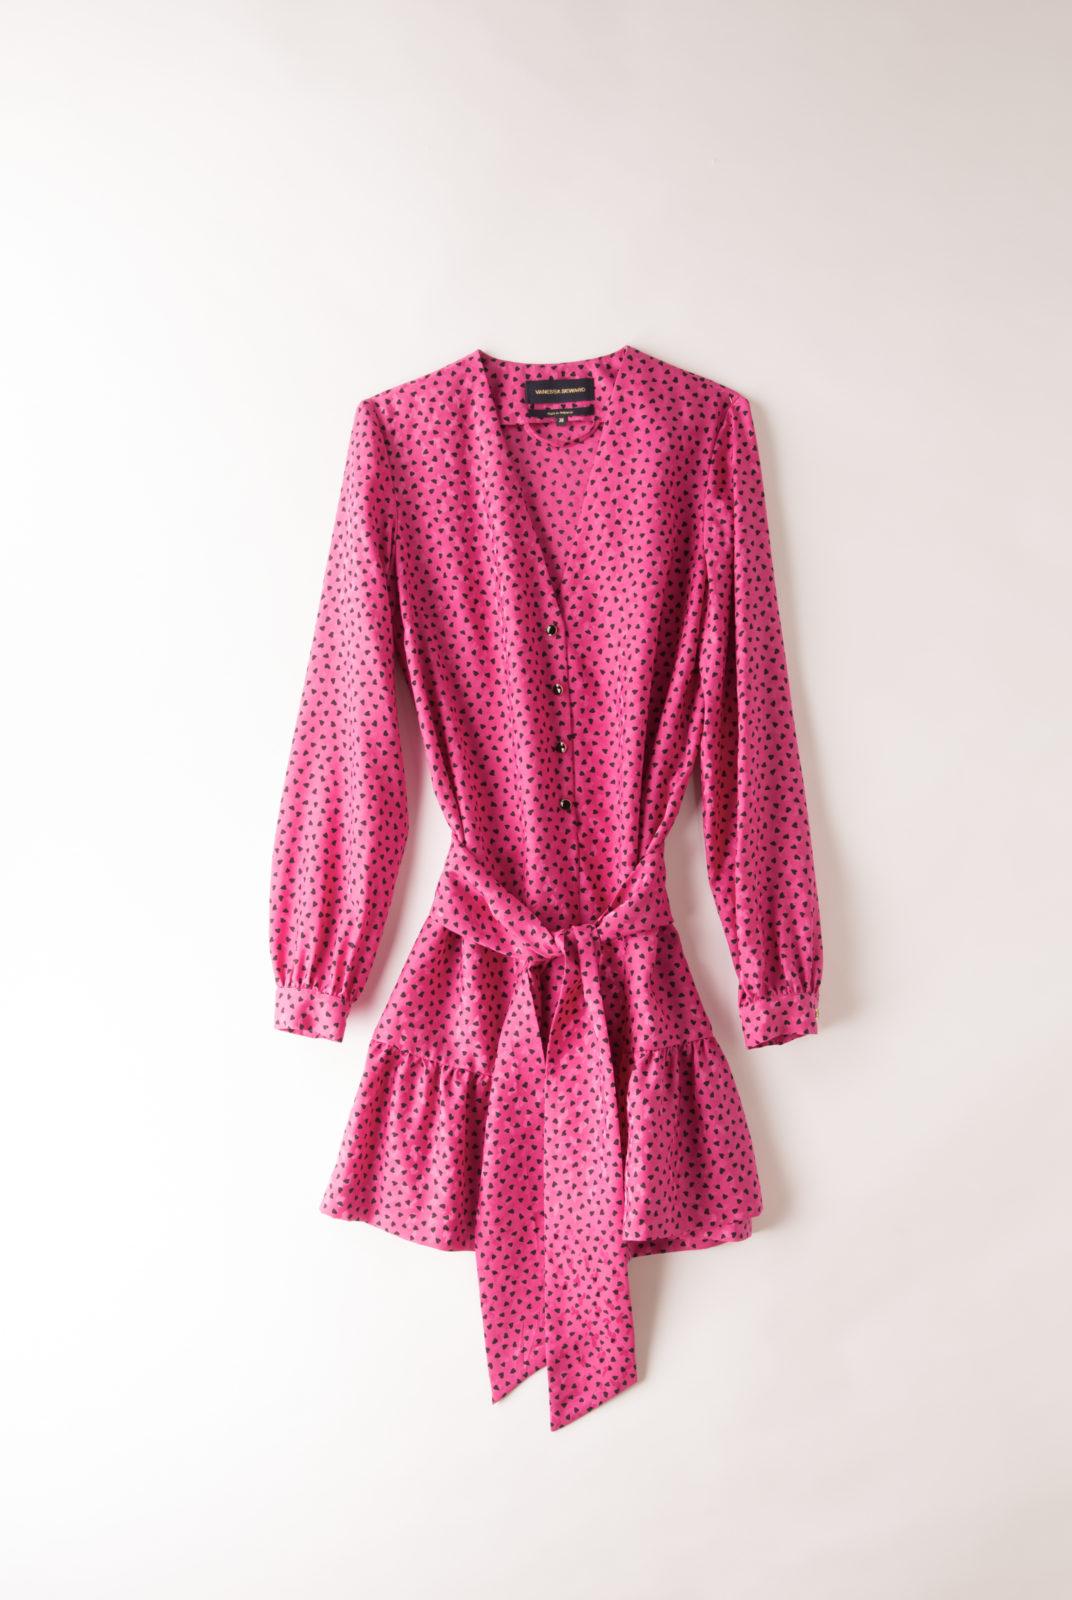 Robe Flora rose vif, à motif coeur, à porter droite ou ceinturée, vanessa seward